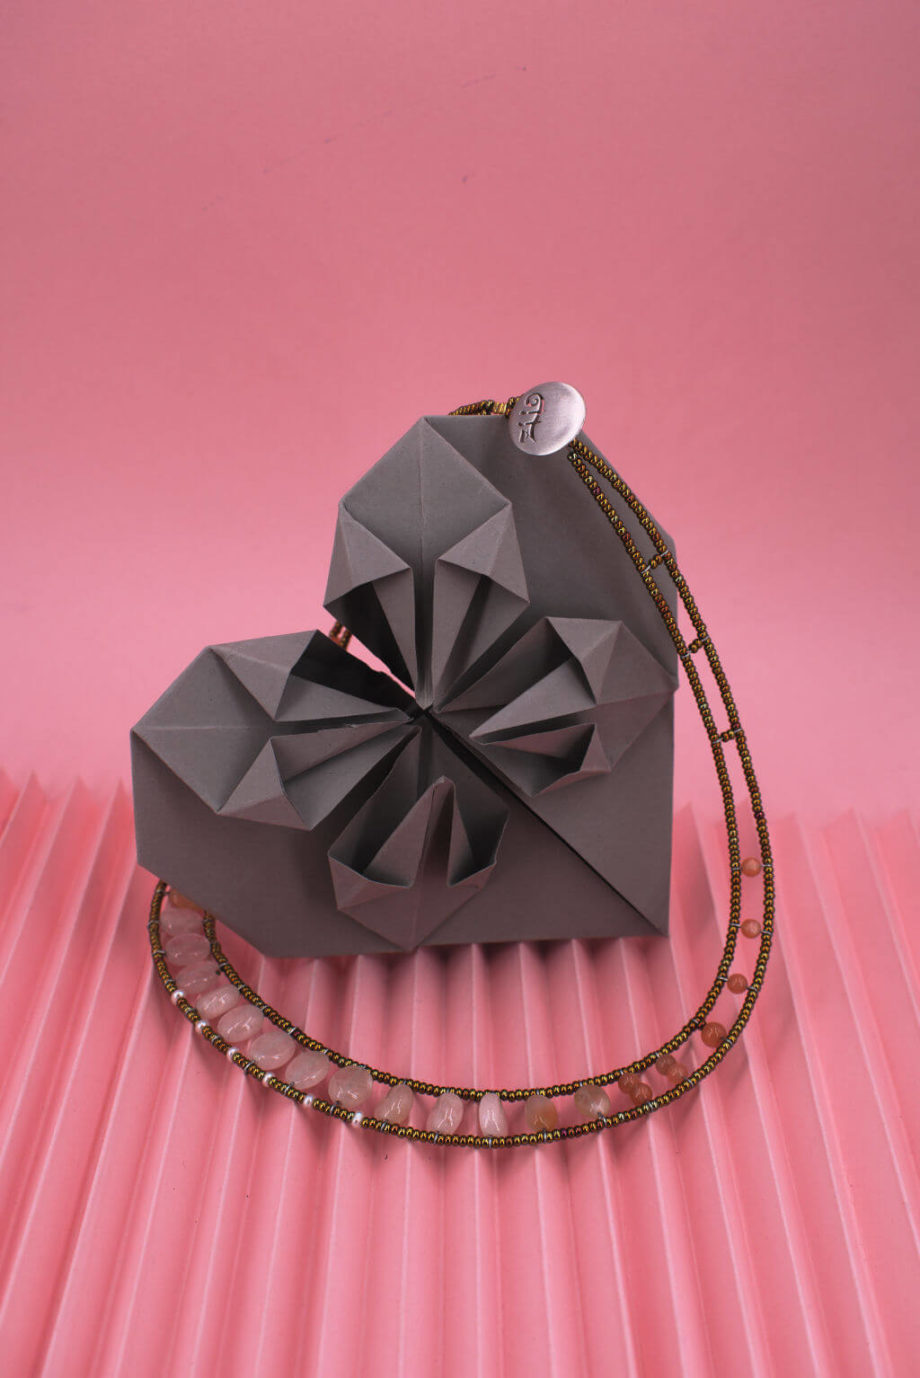 ziio-gioielli-collana-giro-morganite-1024x1534-2-c